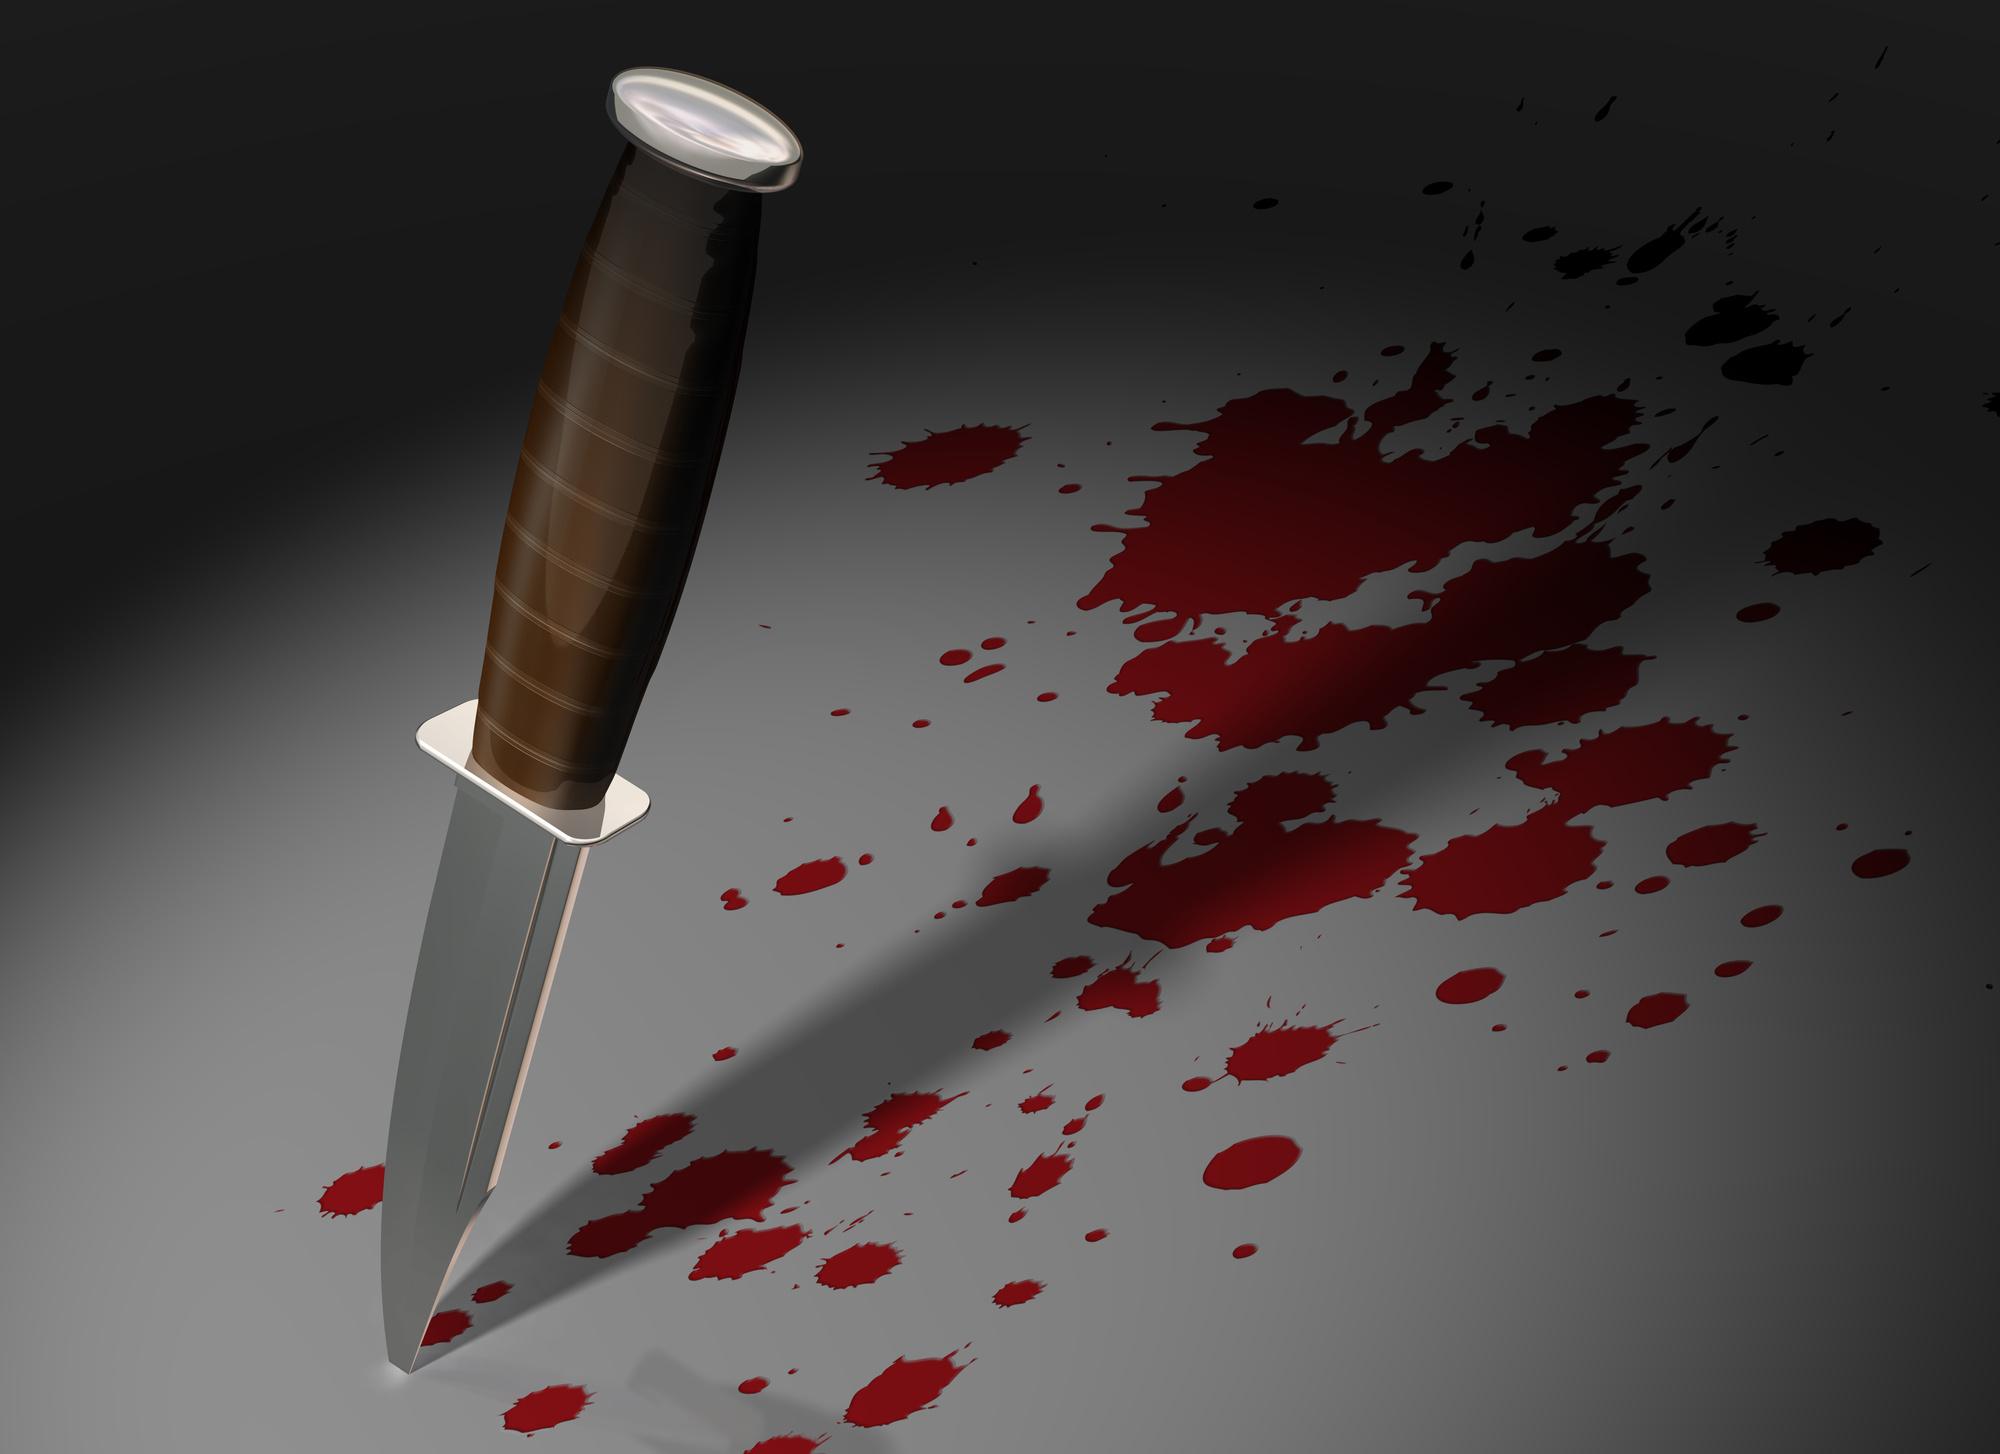 murder க்கான பட முடிவு